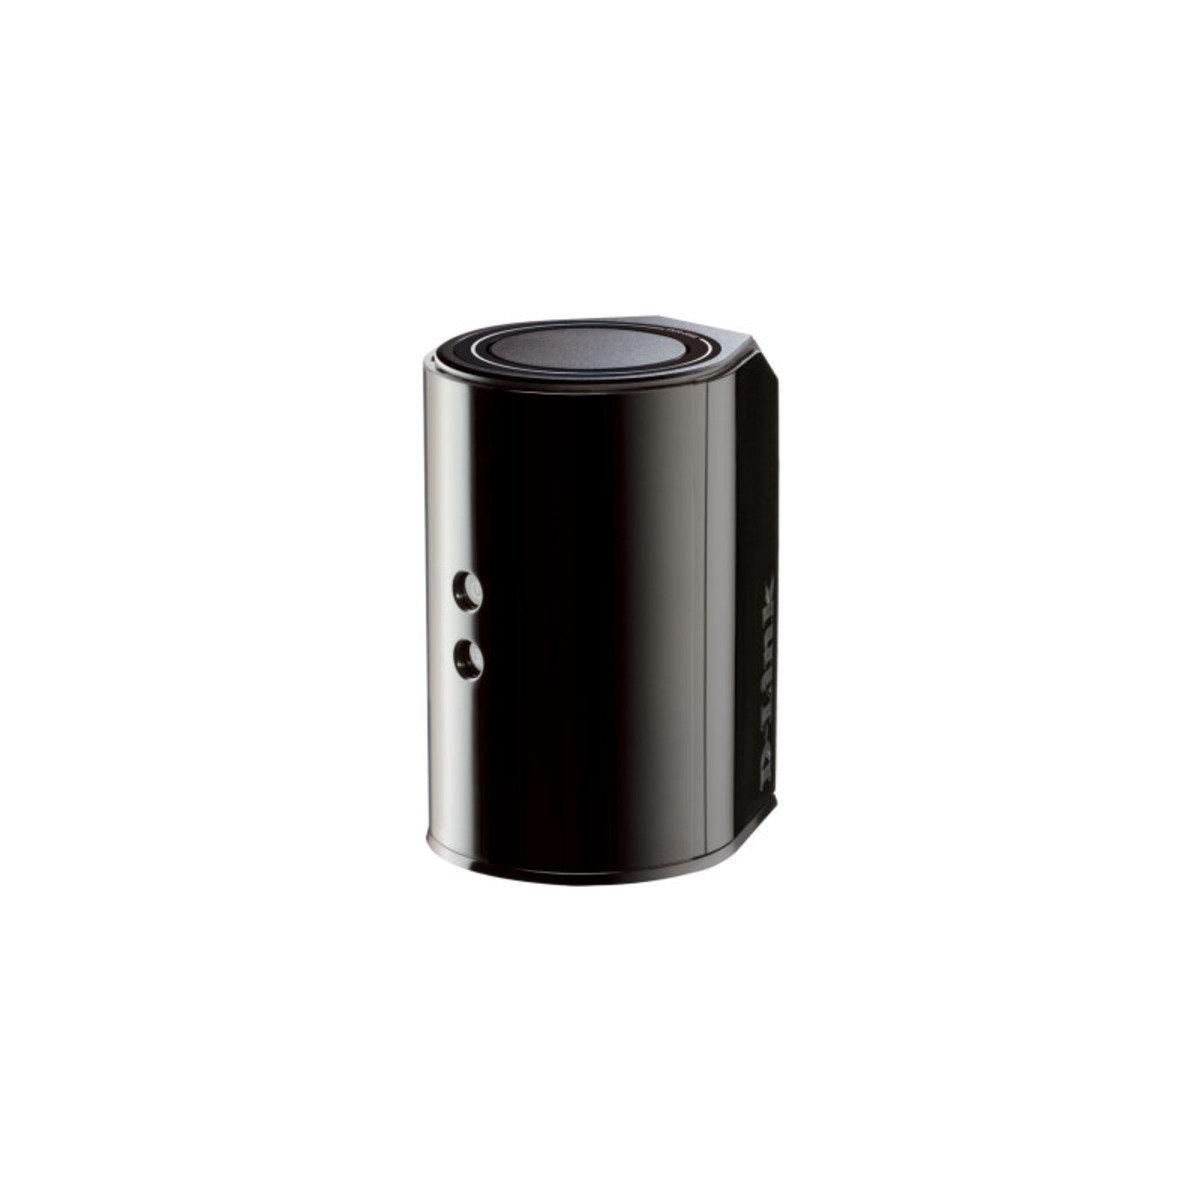 AC1200 雙頻無線直立式路由器 DIR850L Black